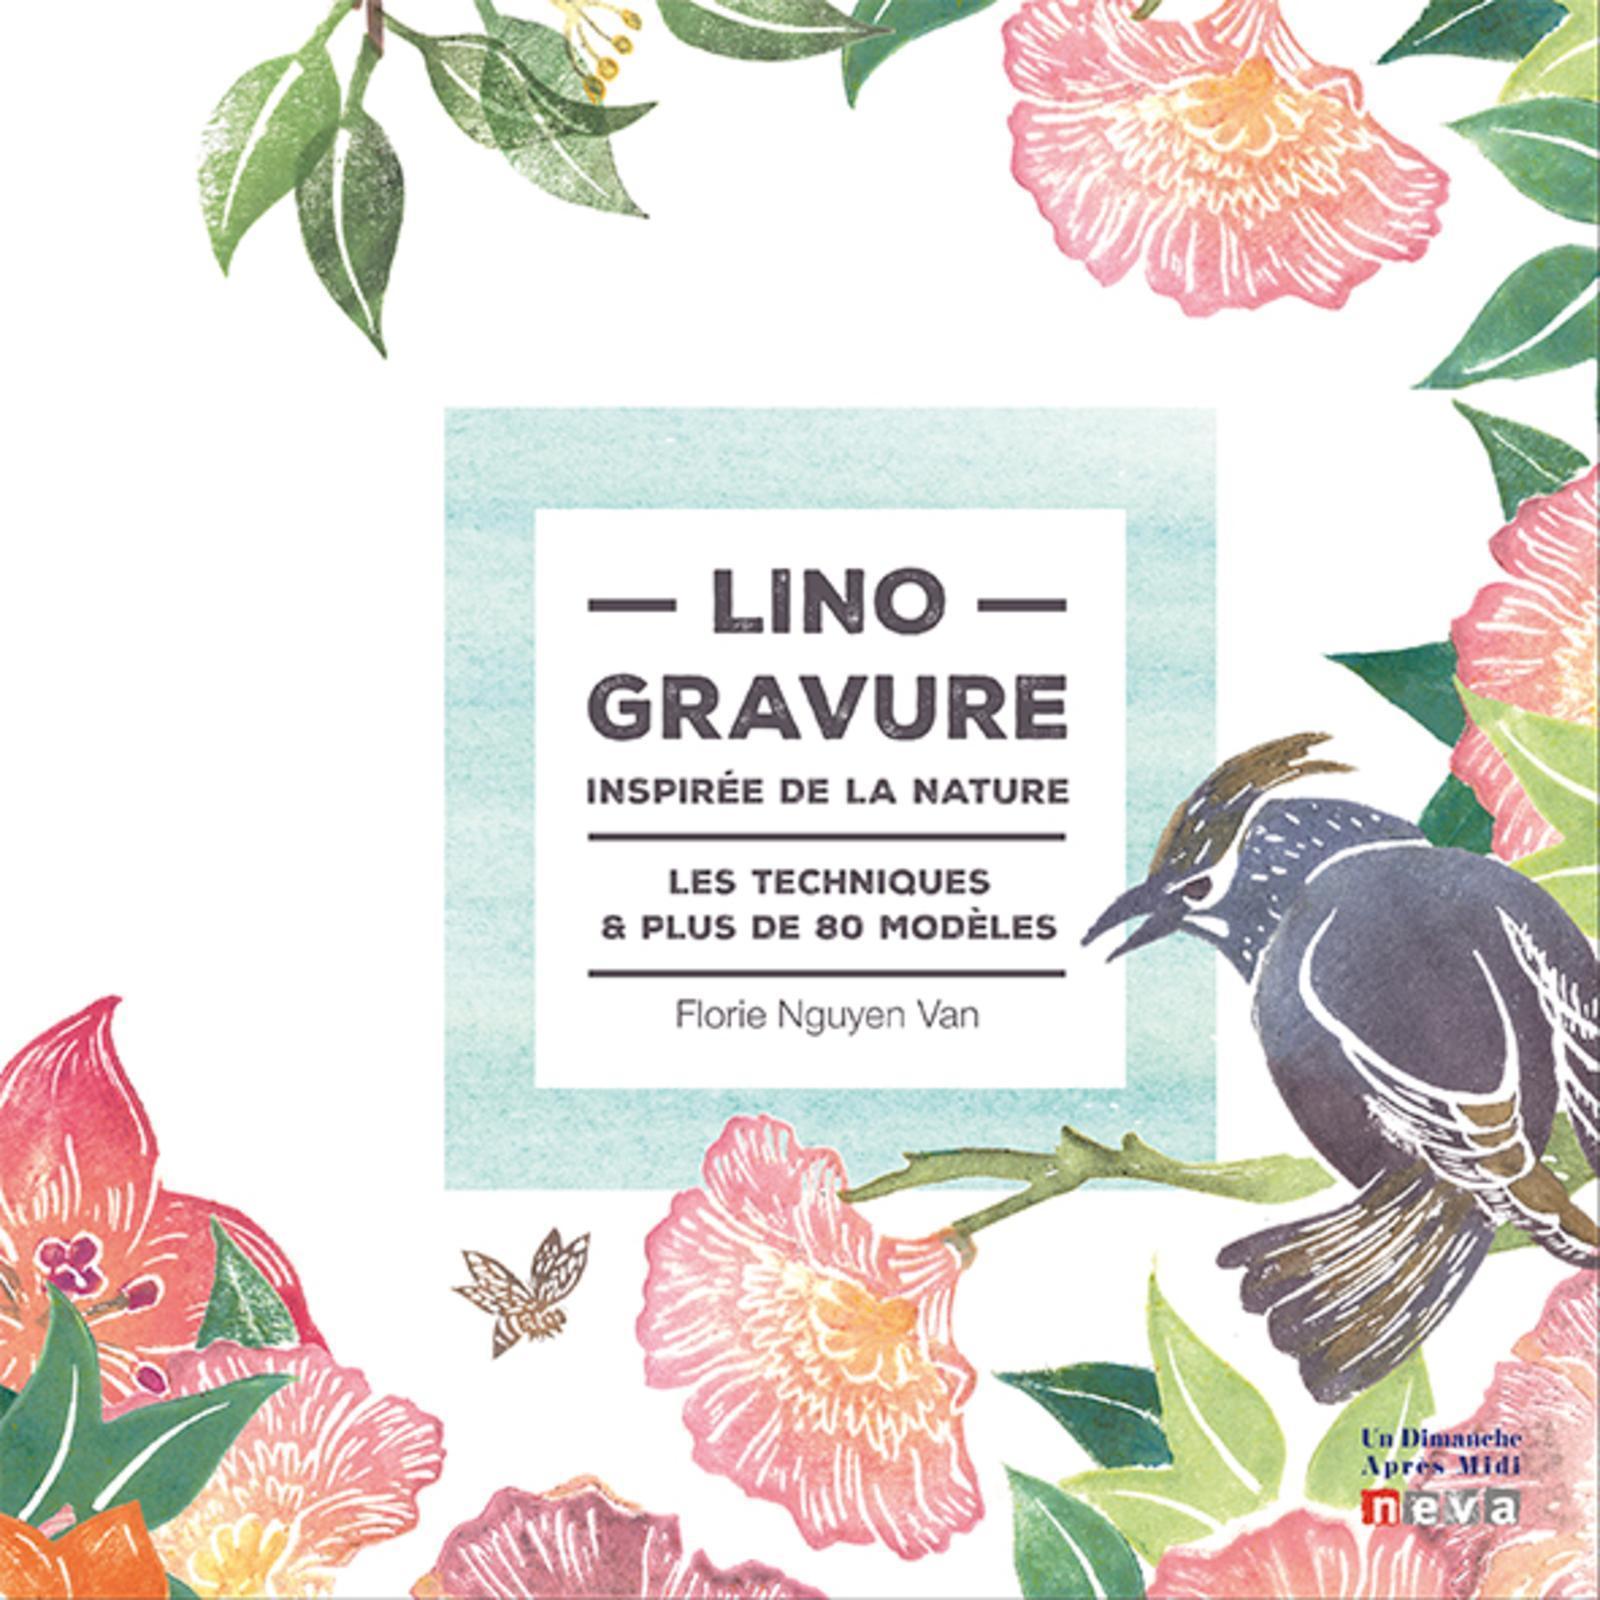 LINOGRAVURE, INSPIREE DE LA NATURE - LES TECHNIQUES ET PLUS DE 80 MODELES